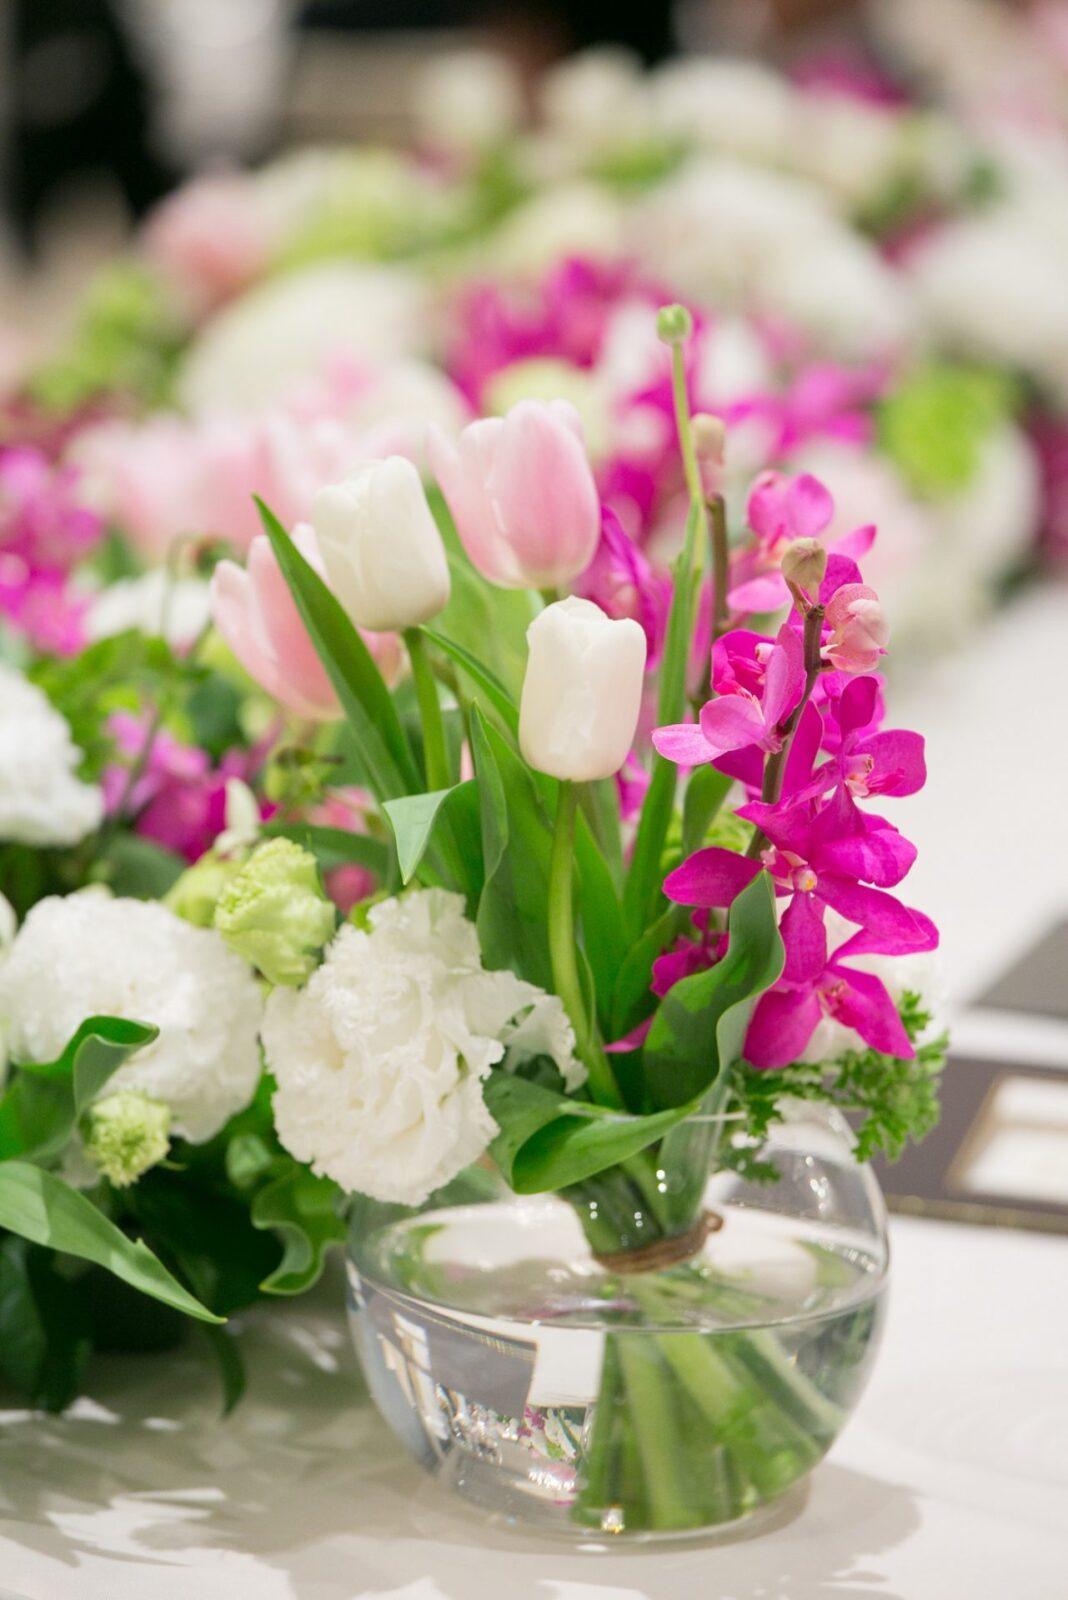 チューリップなどで春らしい明るい色で統一した装花